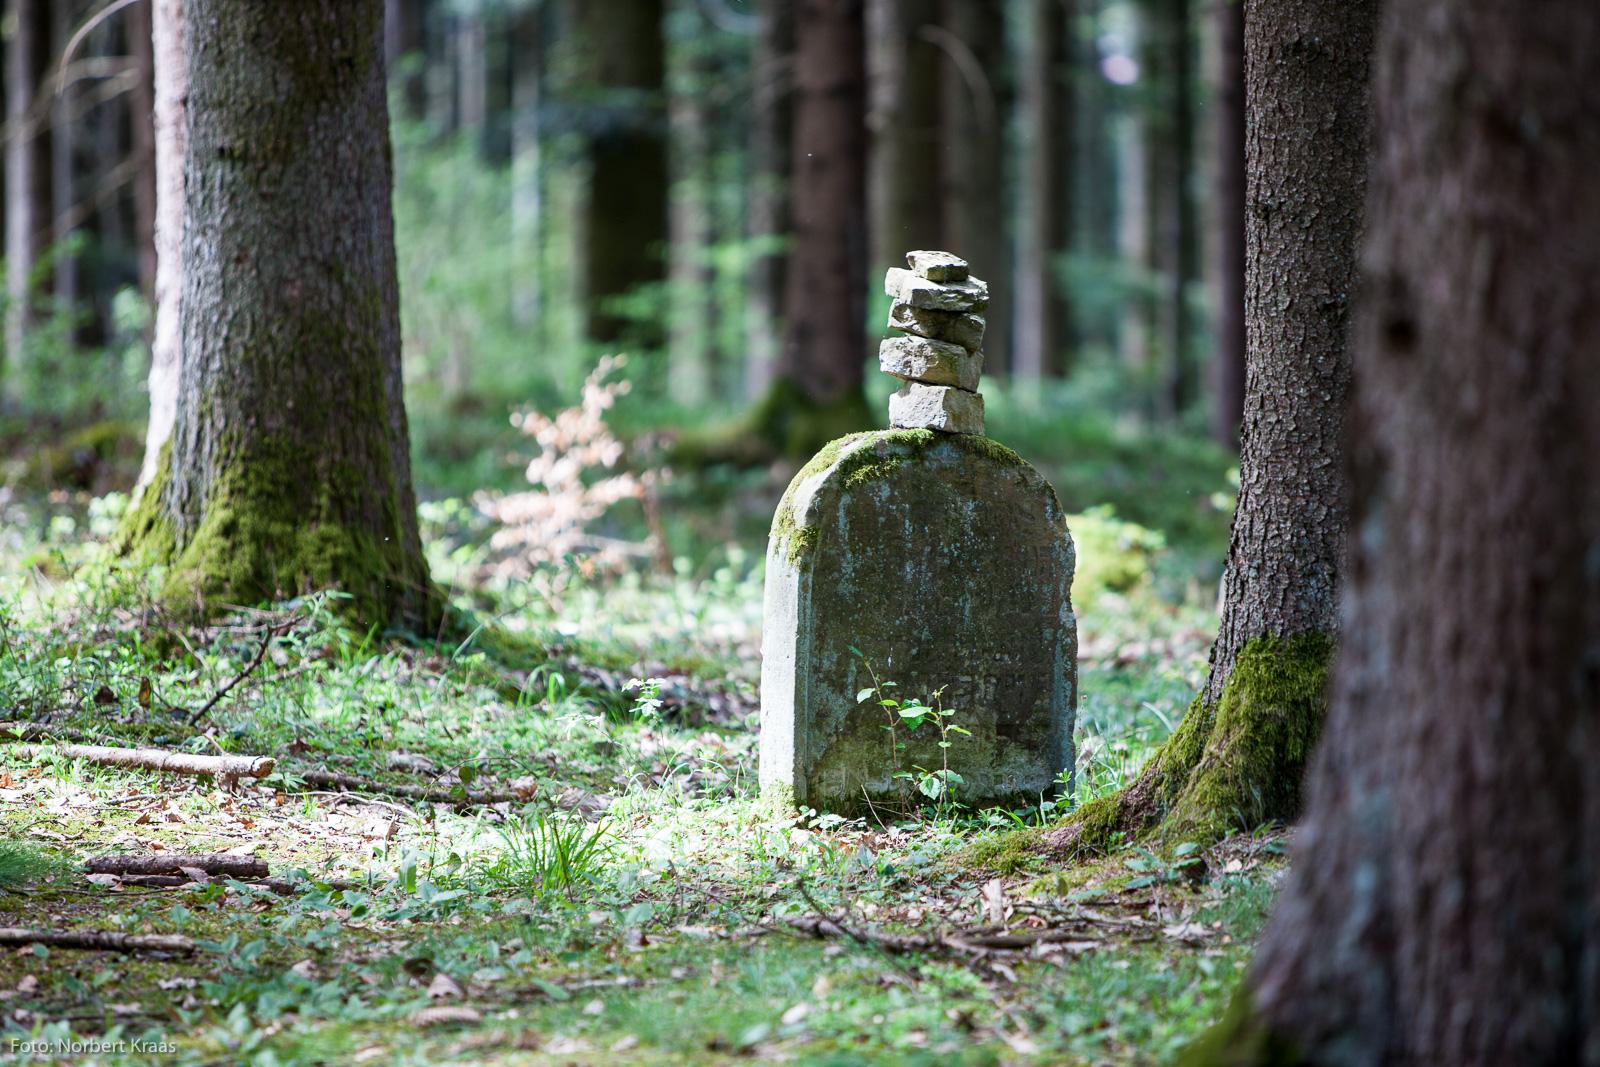 Jüdischer Waldfriedhof Weildorf bei Haigerloch. Ruhestätte der Haigerlocher Juden zwischen 1567 und 1884.